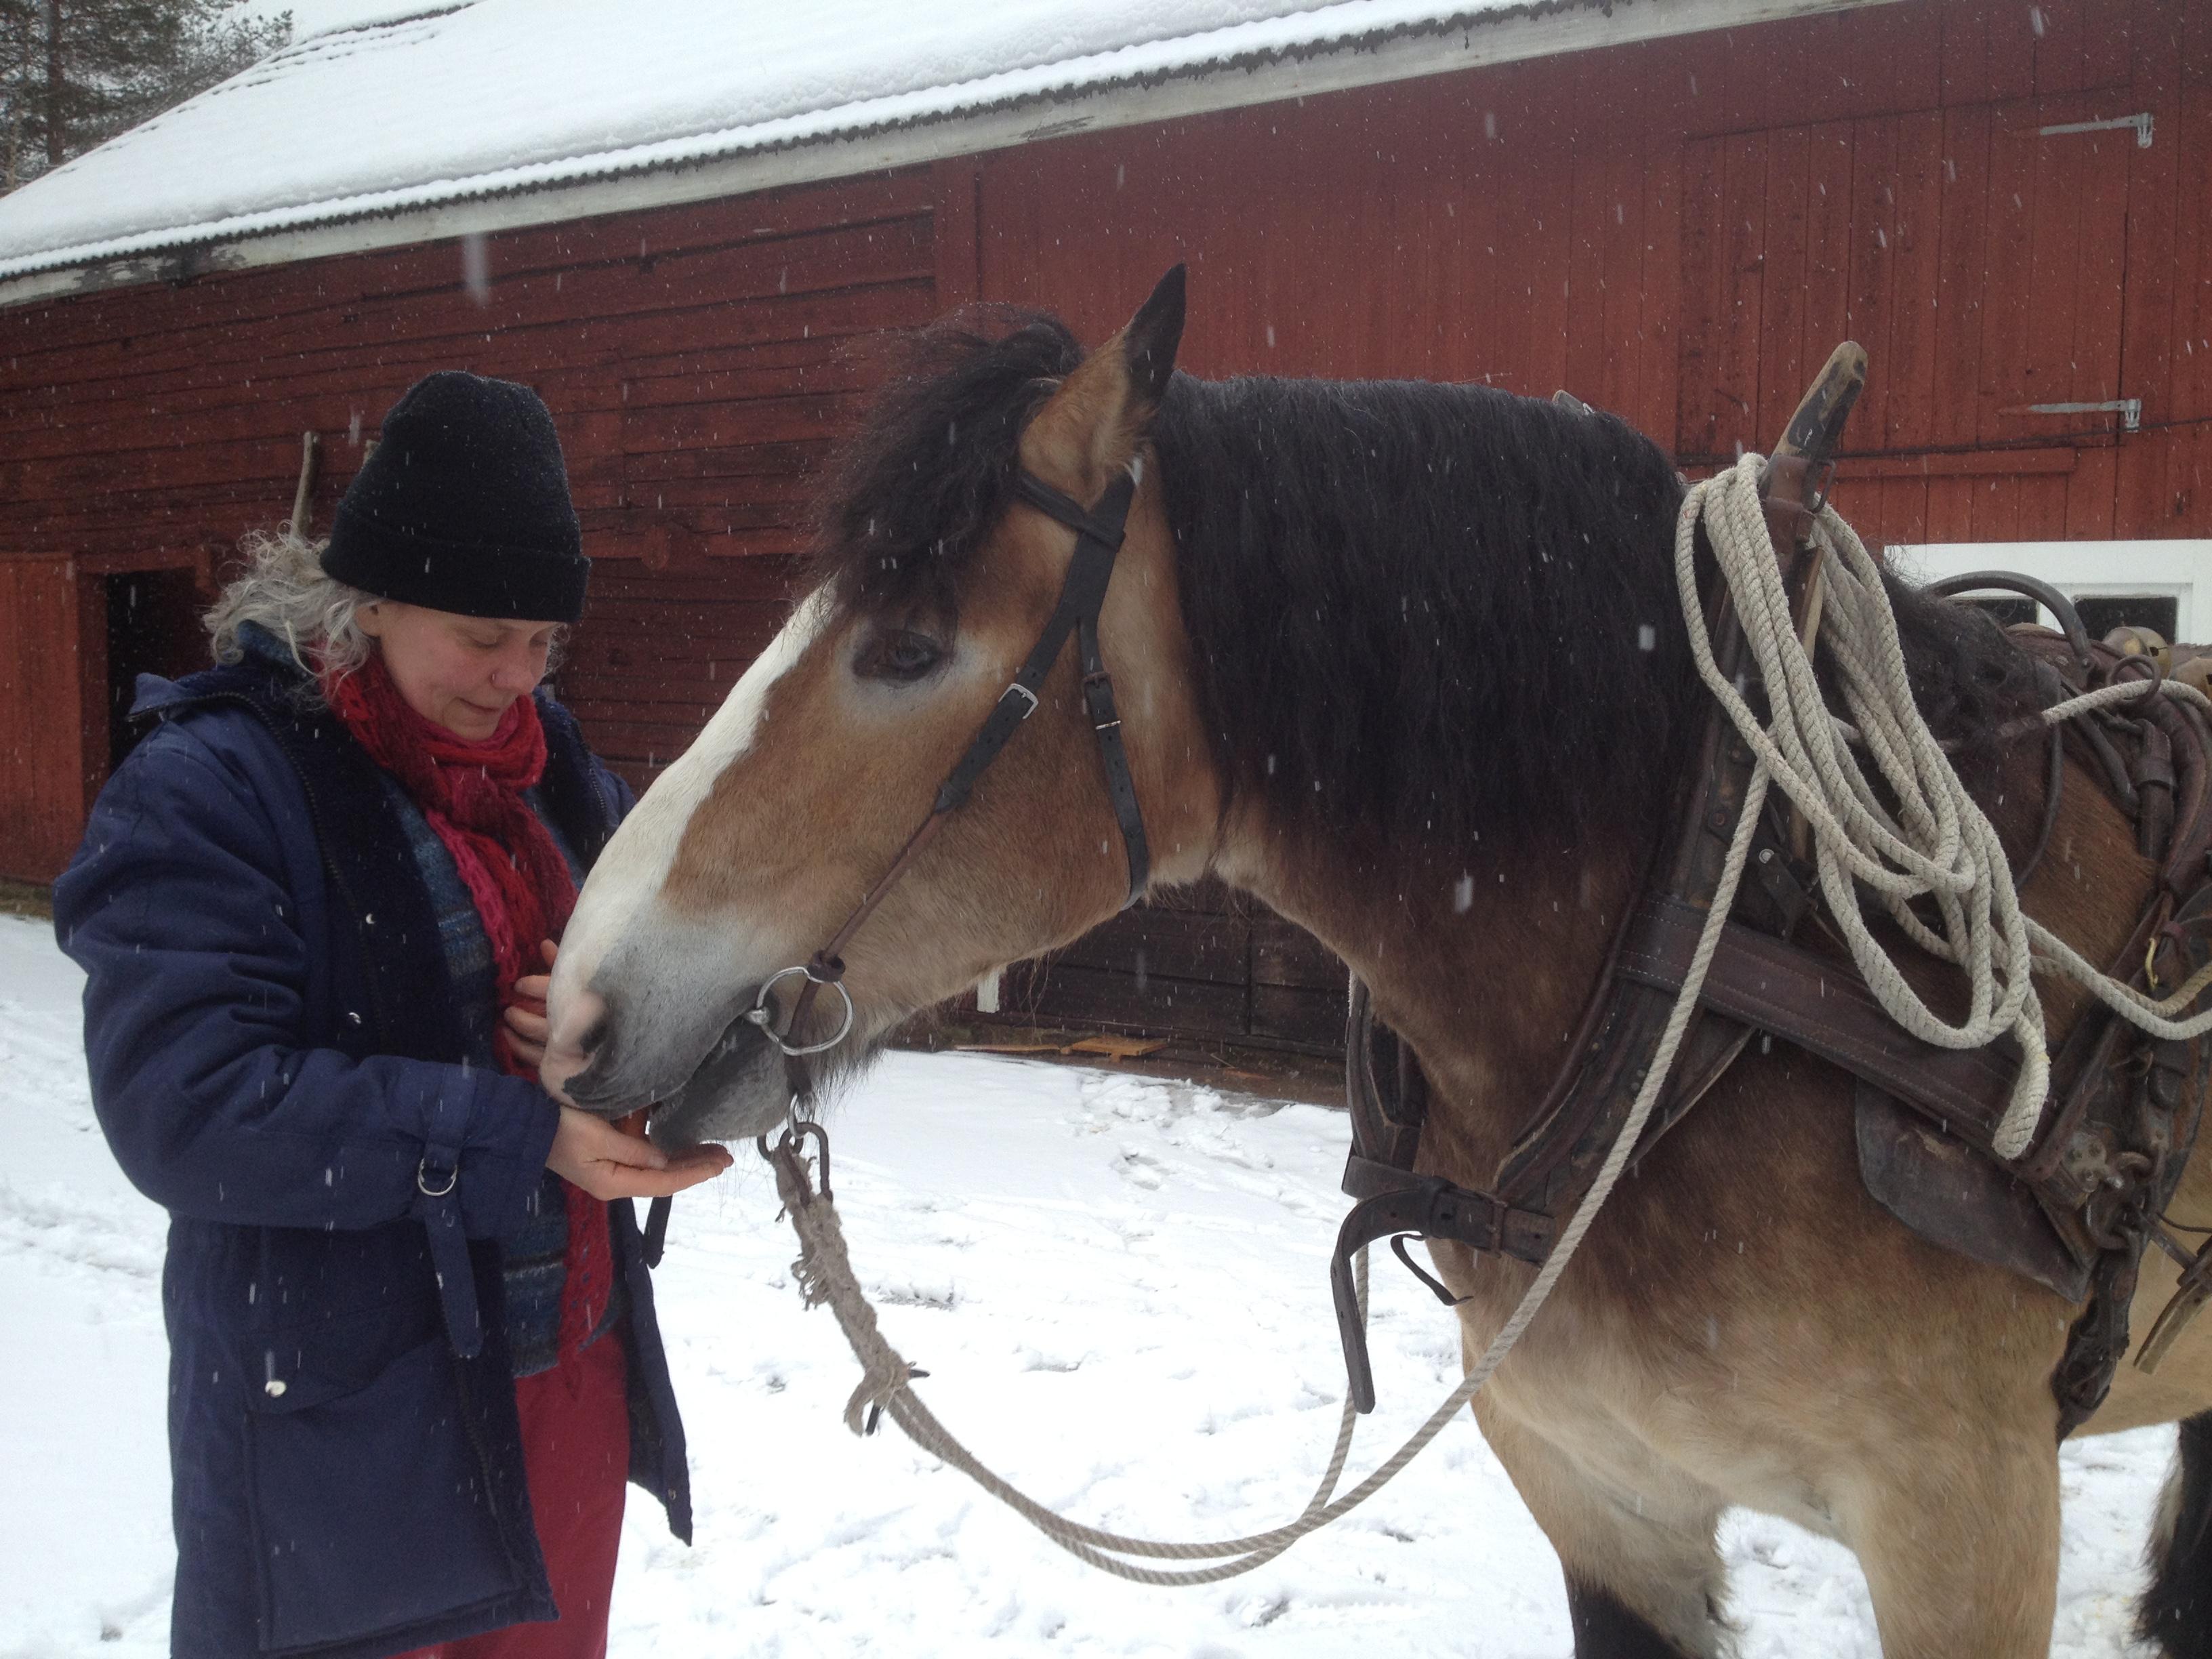 Tini matar Julle med äpplen och morötter